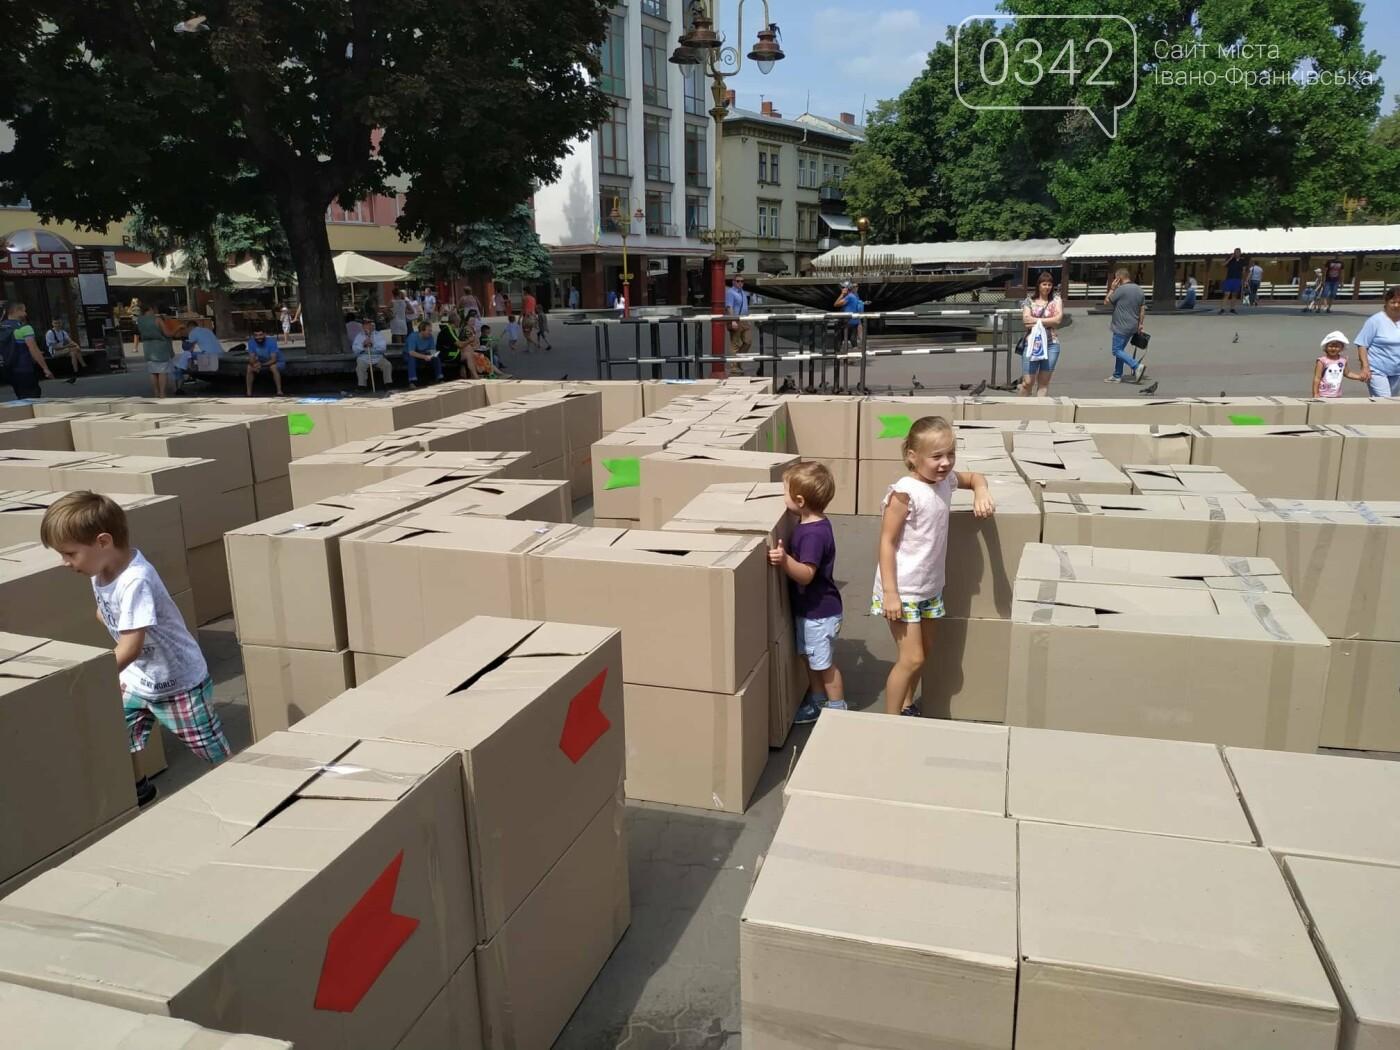 Як не потрапити у рабство: у центрі Франківська проходить квест-лабіринт (ФОТО), фото-2